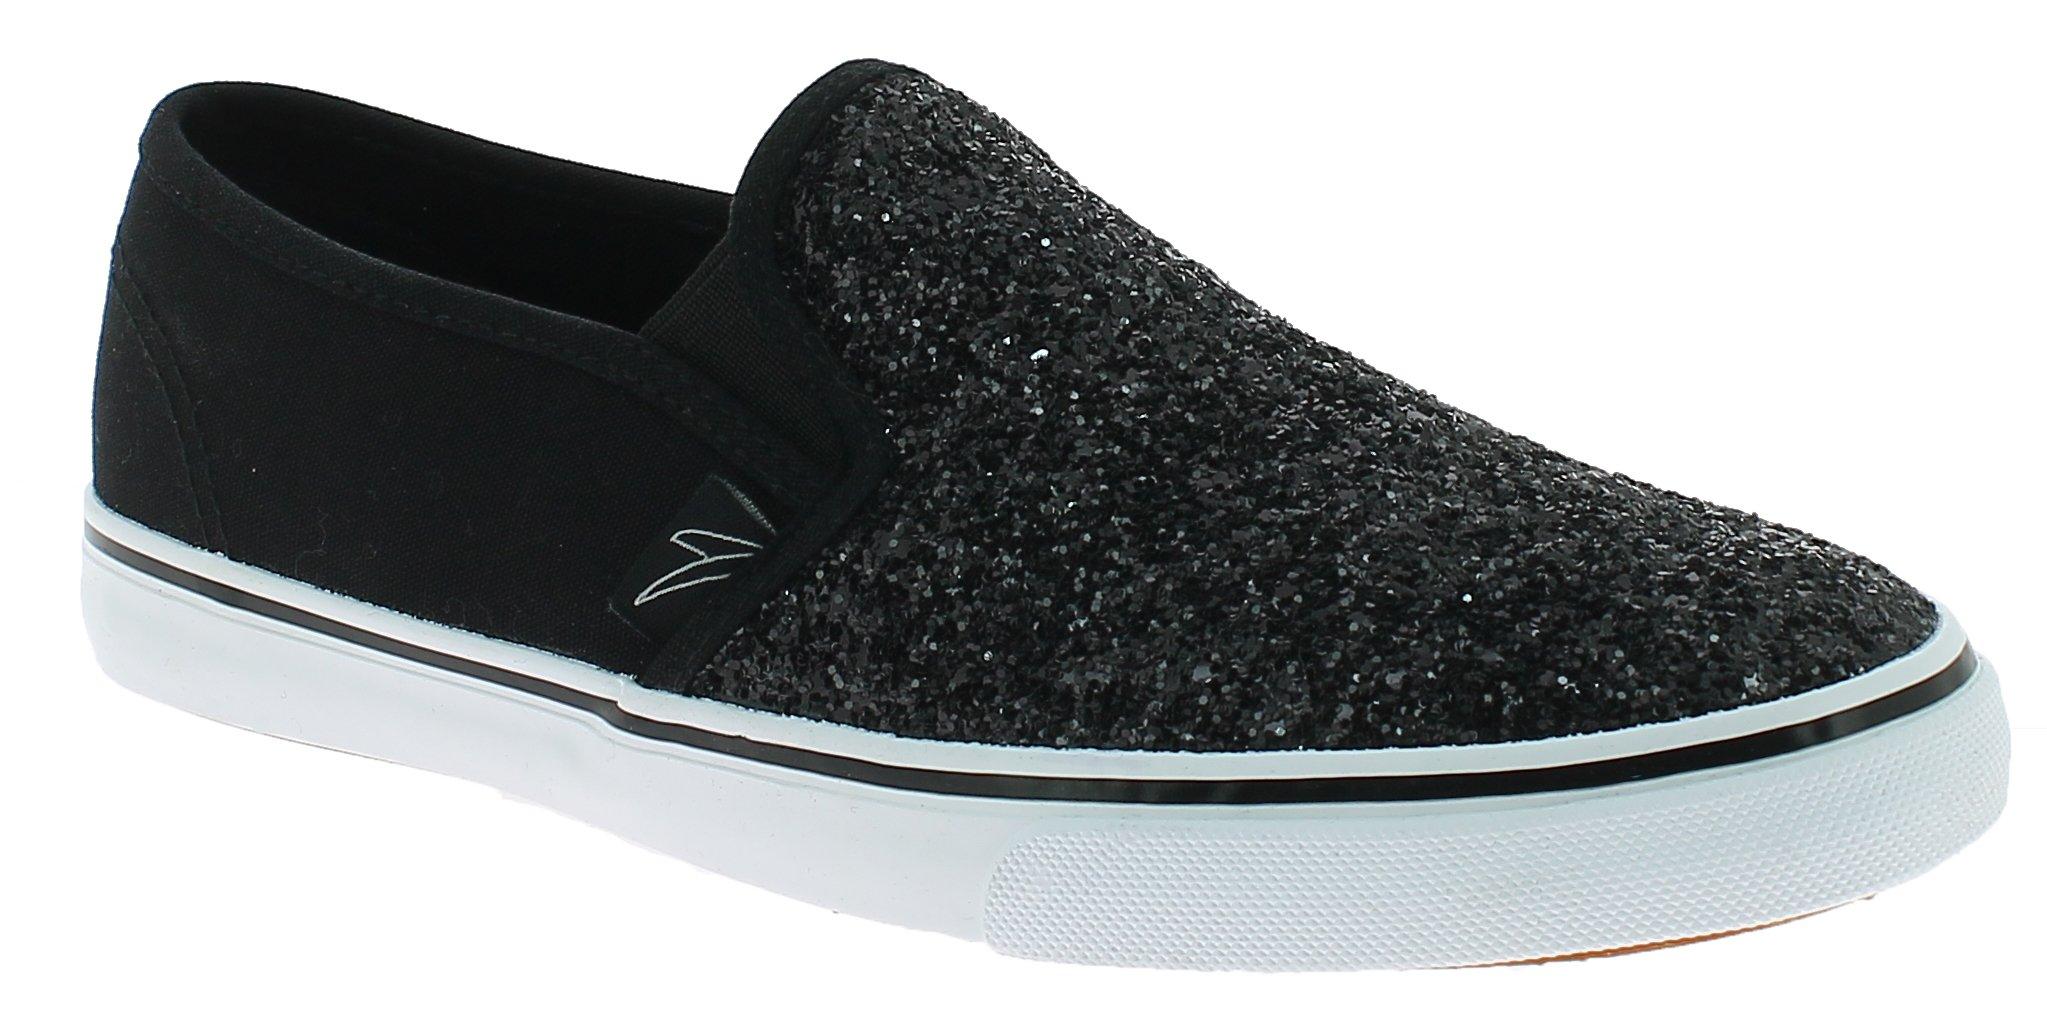 MADIGAN Γυναικείο Casual VITTORIA Μαύρο - IqShoes - VITTORIA BLACK-black-37/1/15 προϊόντα παπούτσια